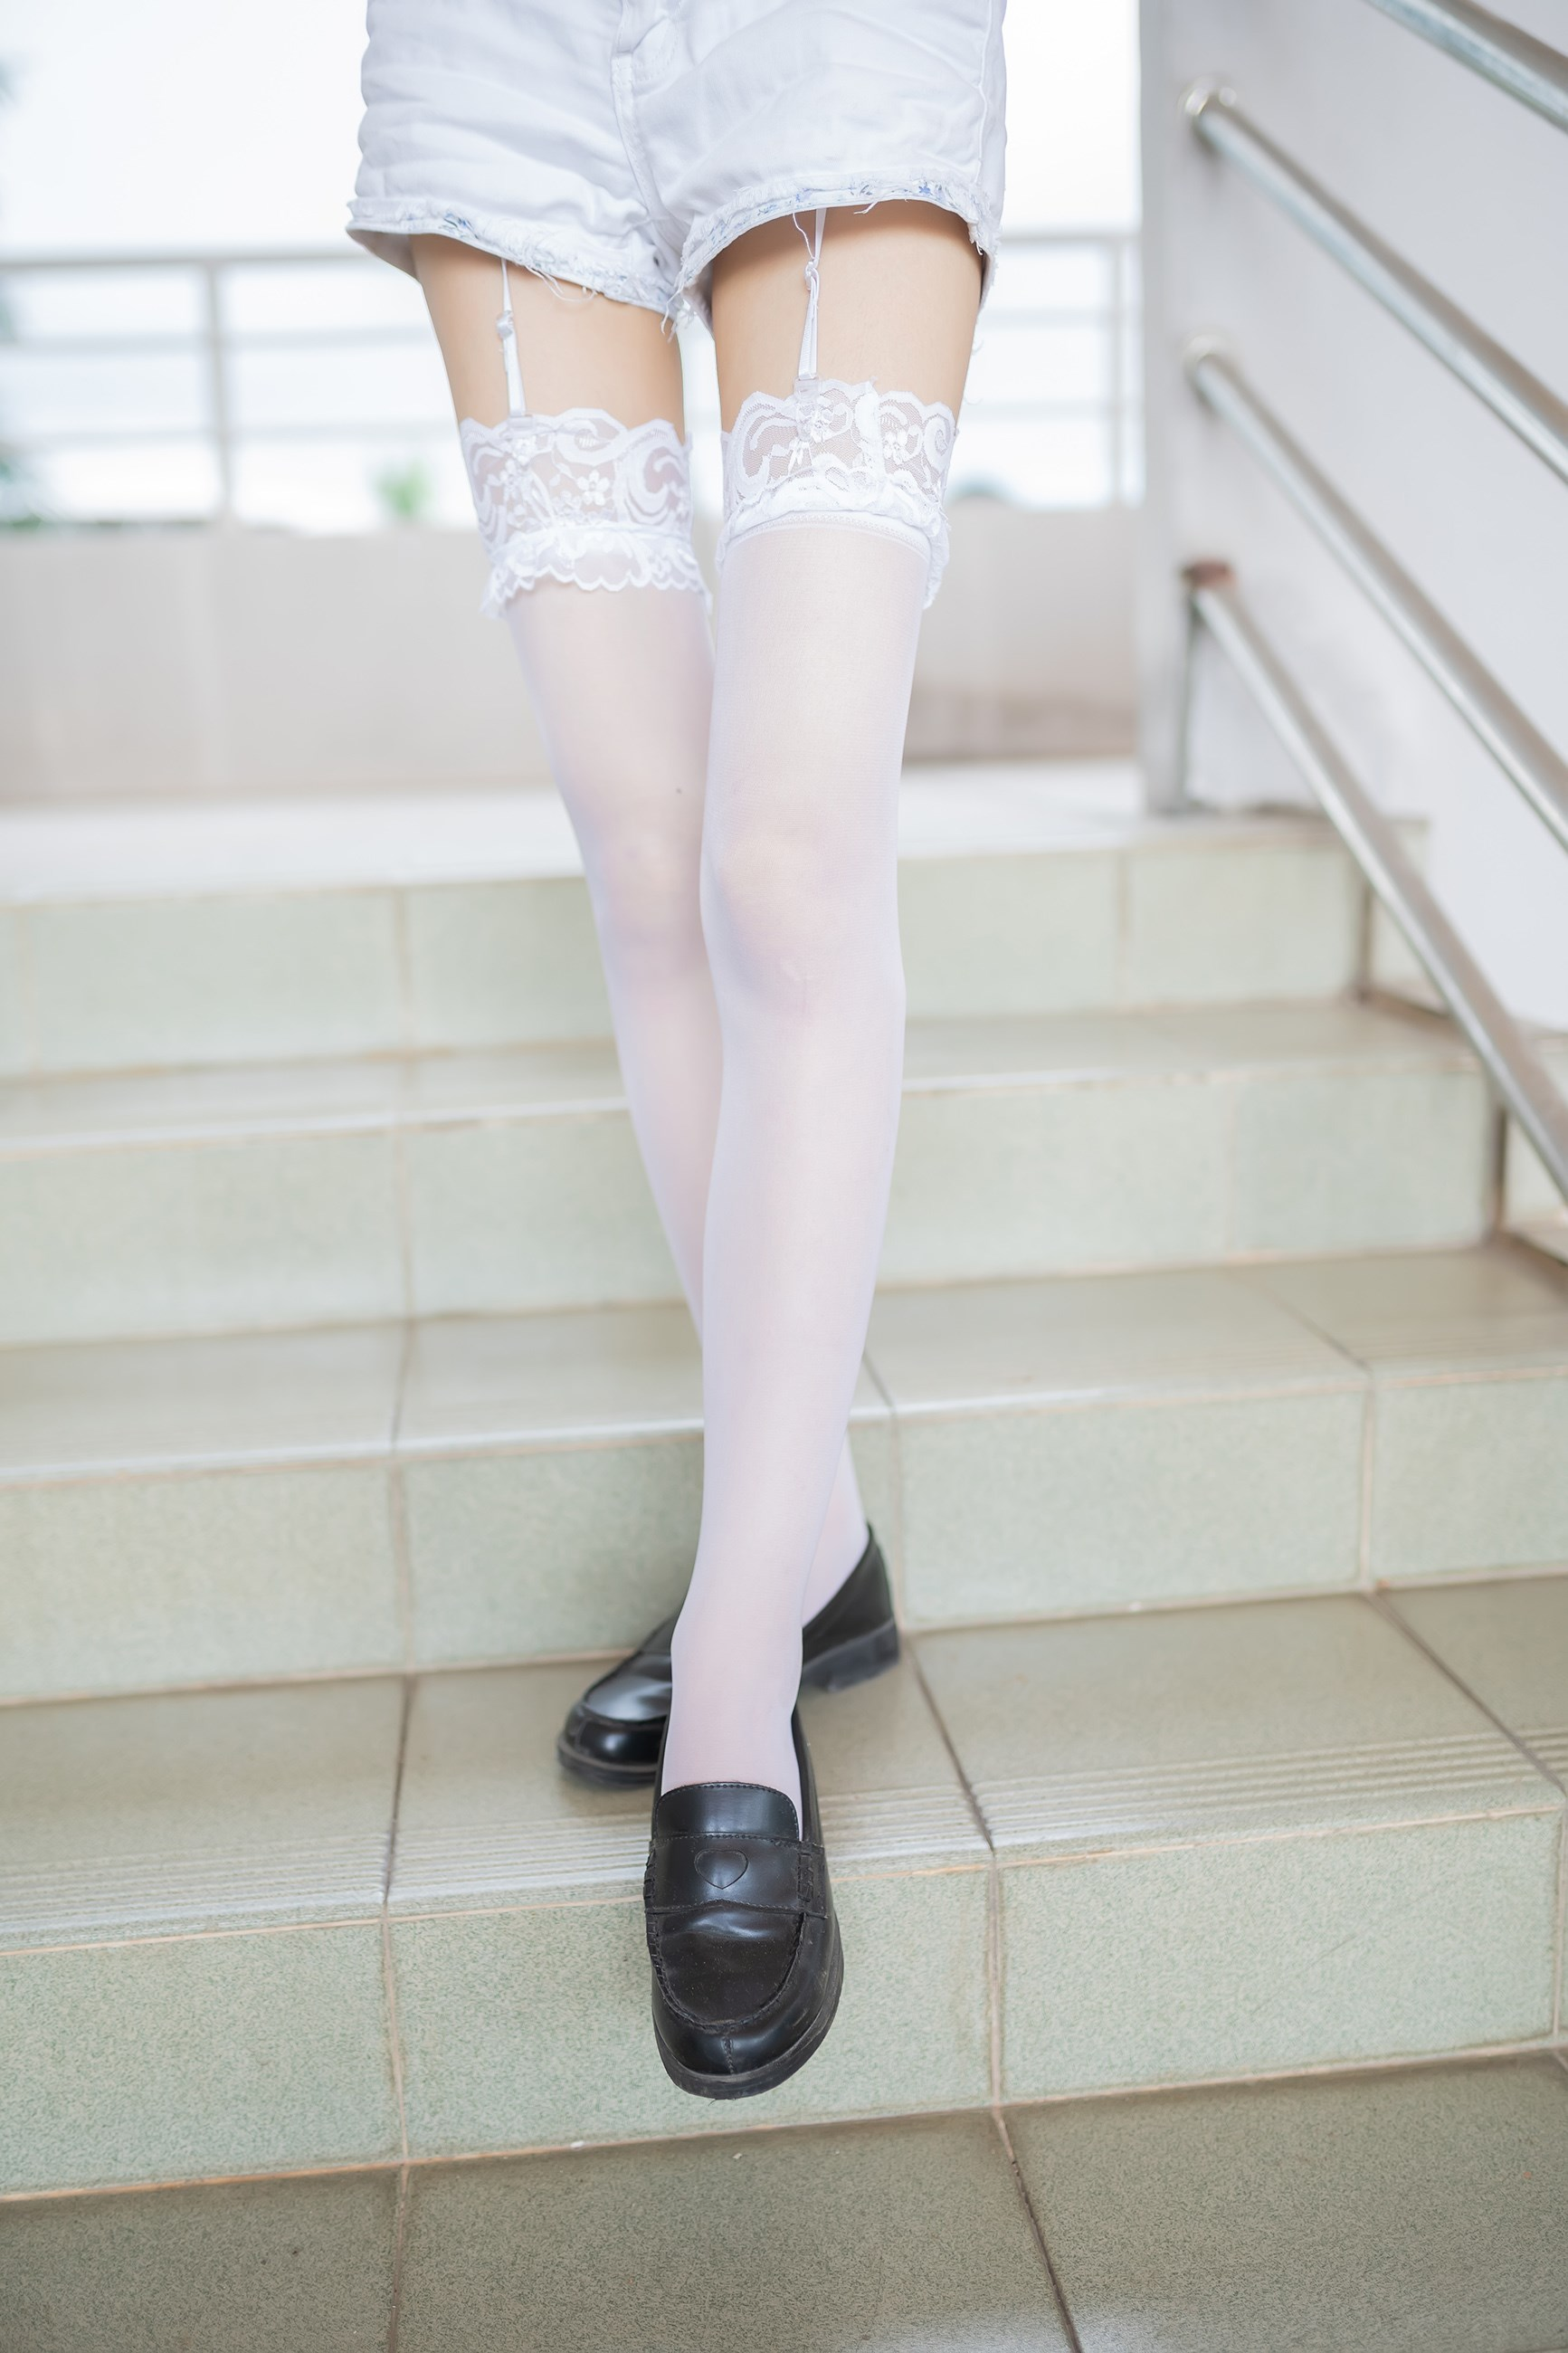 【兔玩映画】白丝吊带袜 兔玩映画 第44张